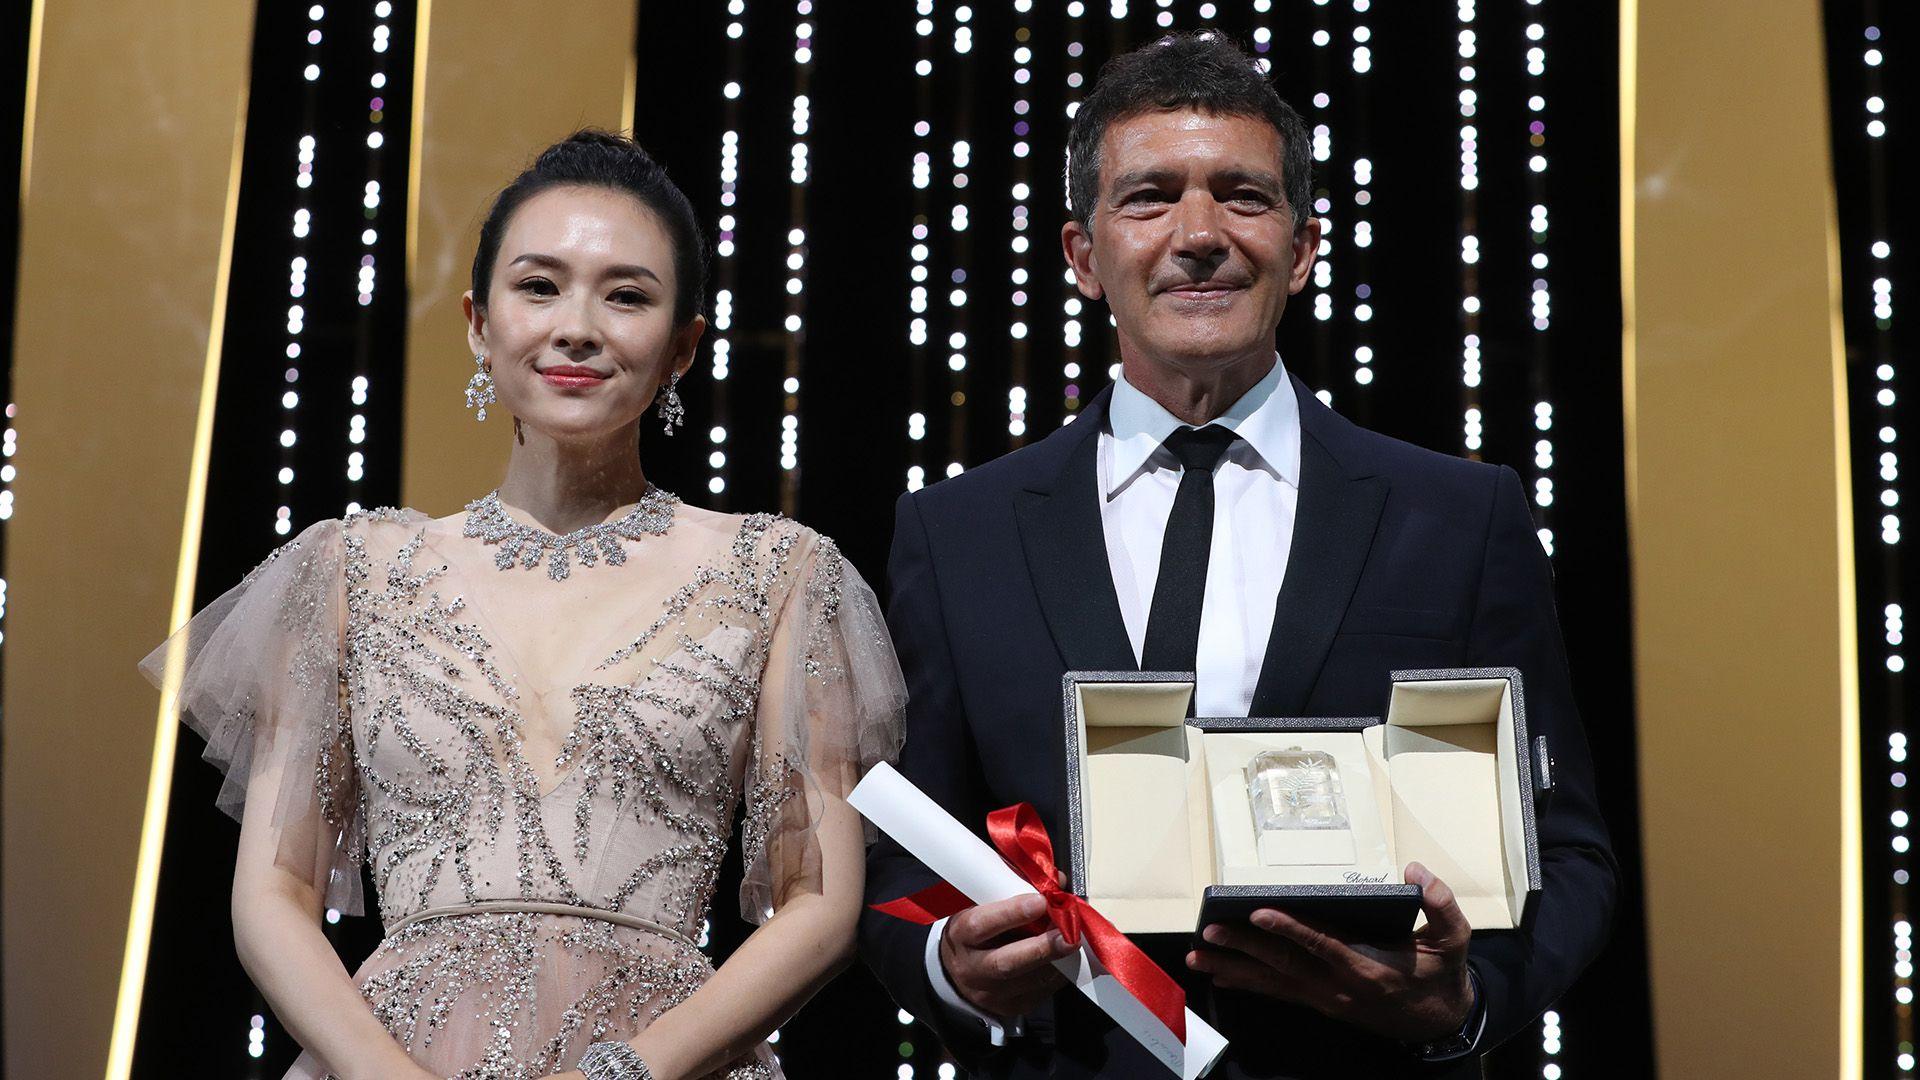 Antonio Banderas junto a la actriz china Zhang Ziyi (Photo by Valery HACHE / AFP)